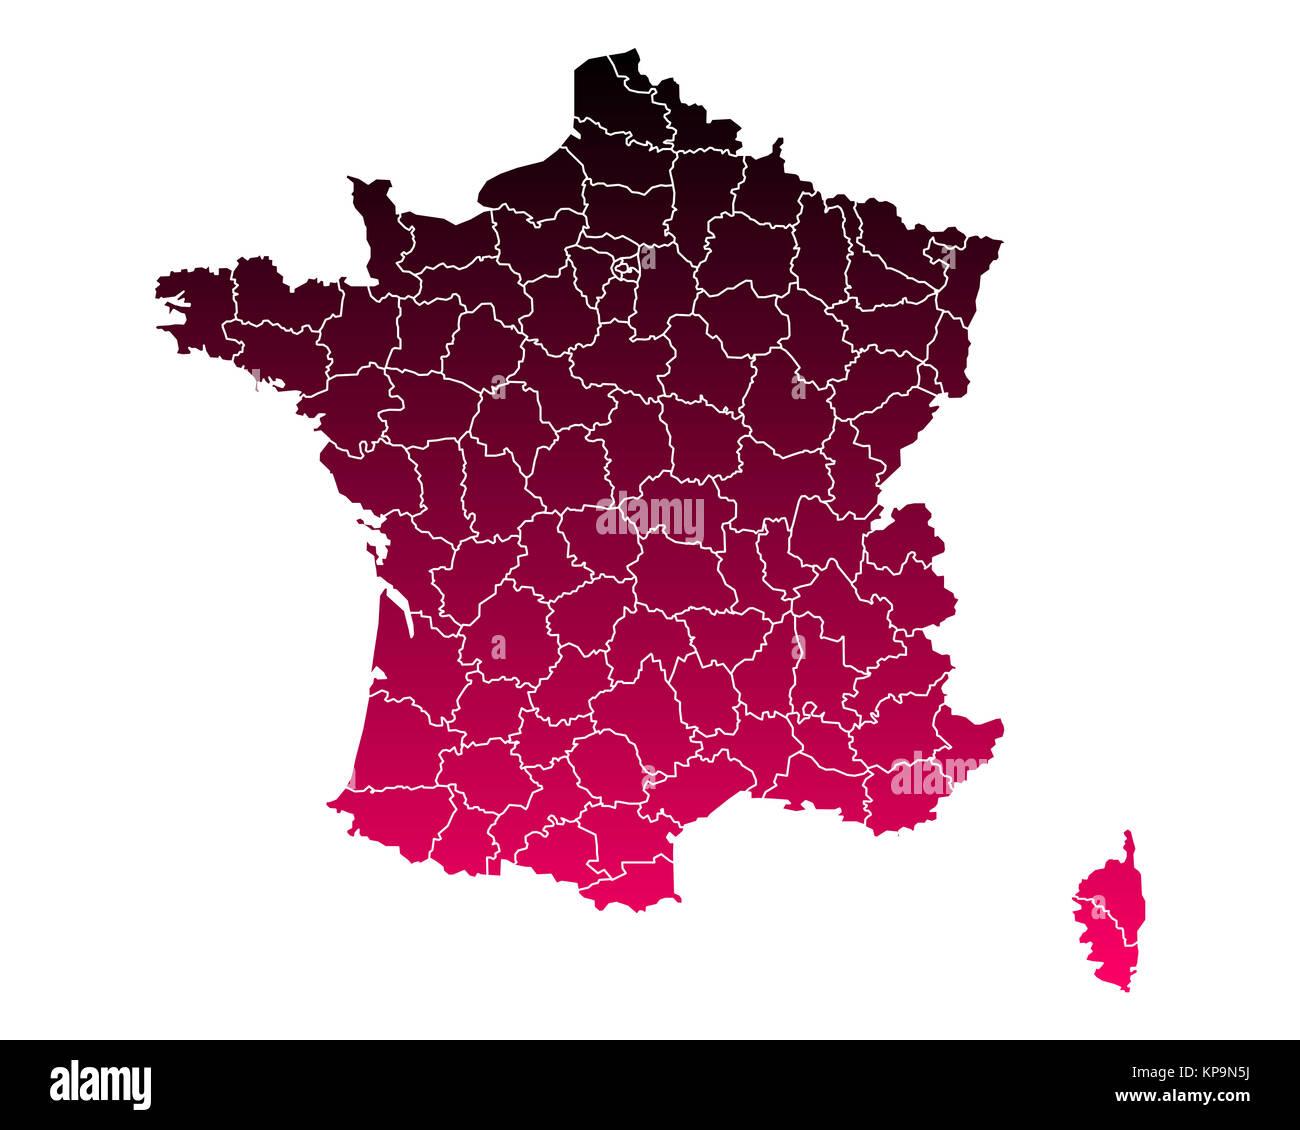 Karte von Frankreich - Stock Image